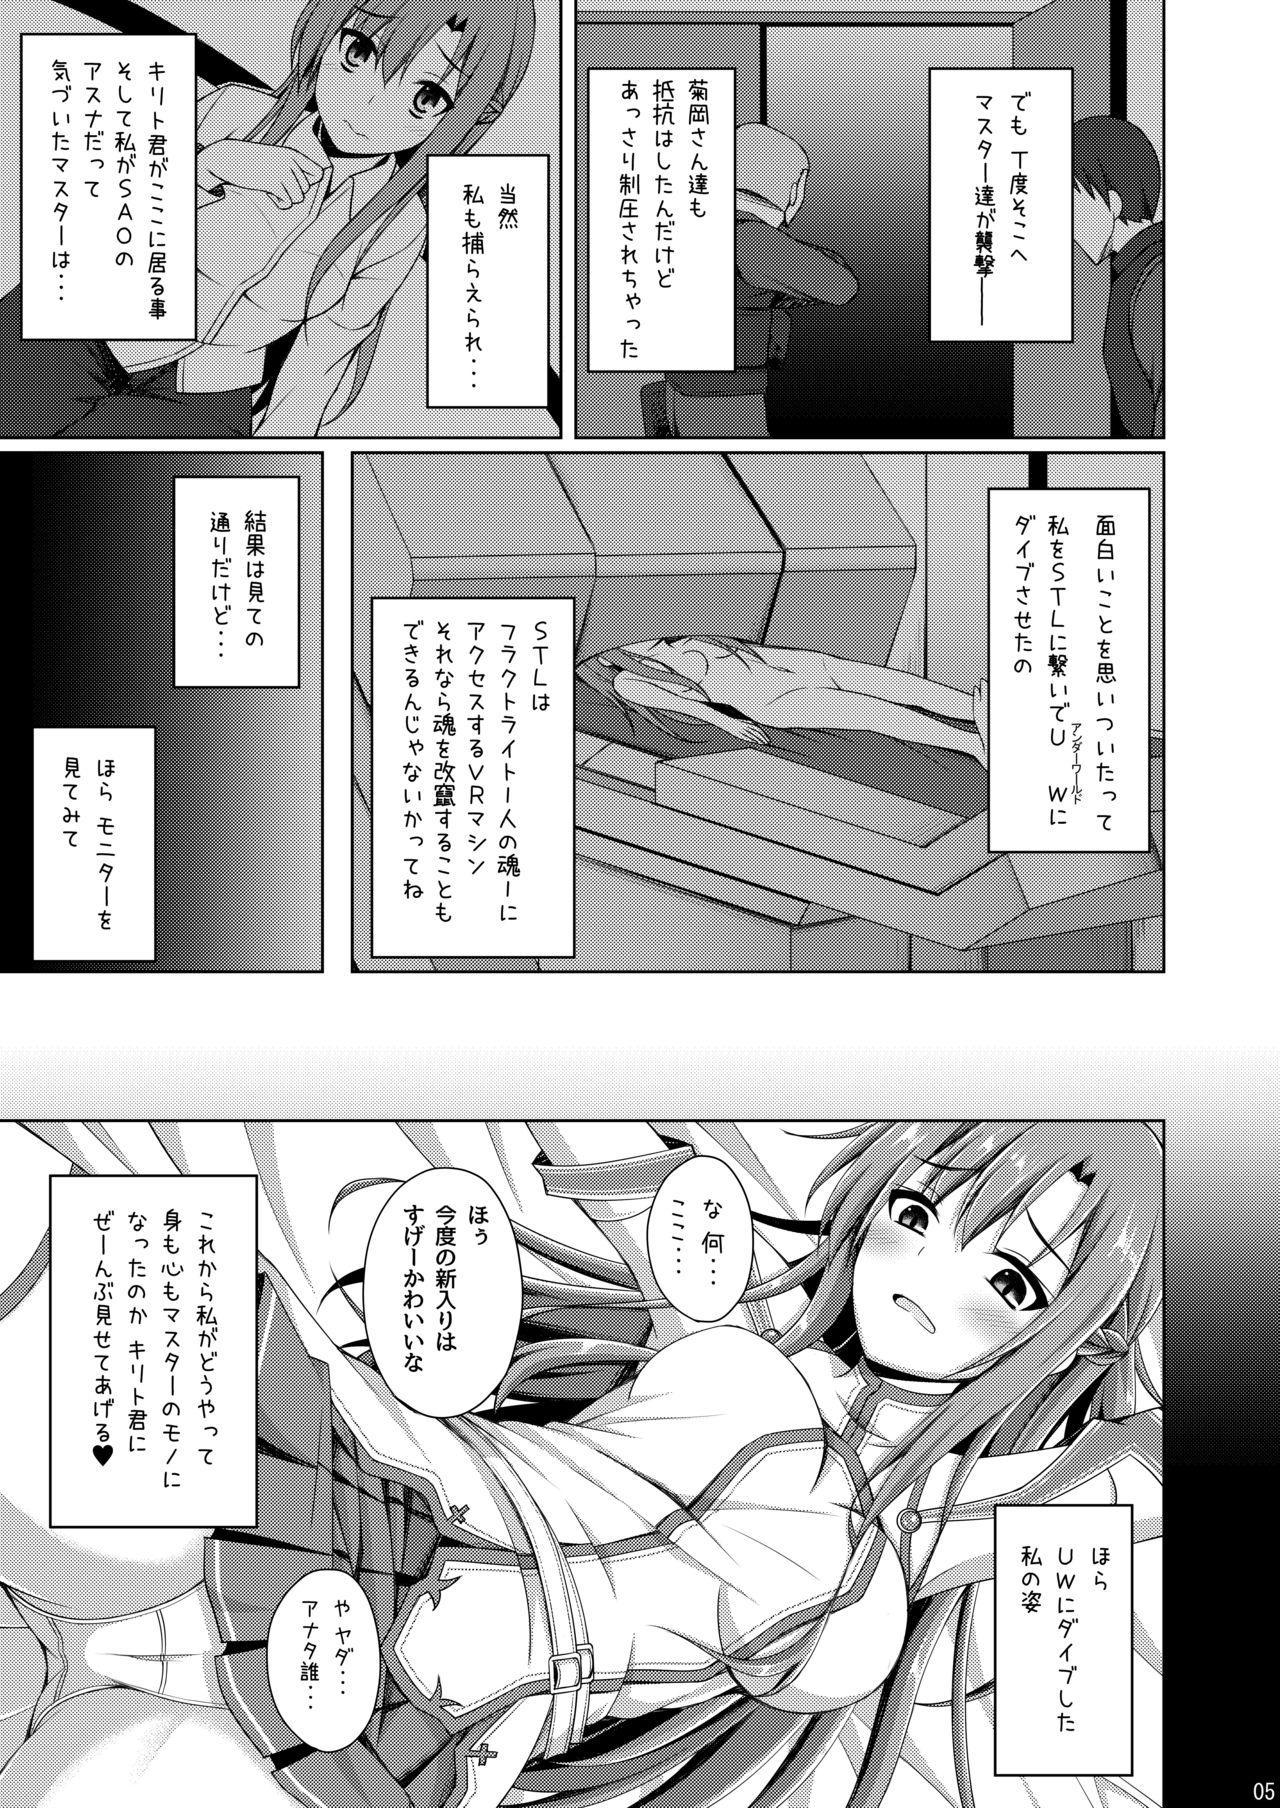 Ore no Aishita Kanojo wa Mou Inai... 3